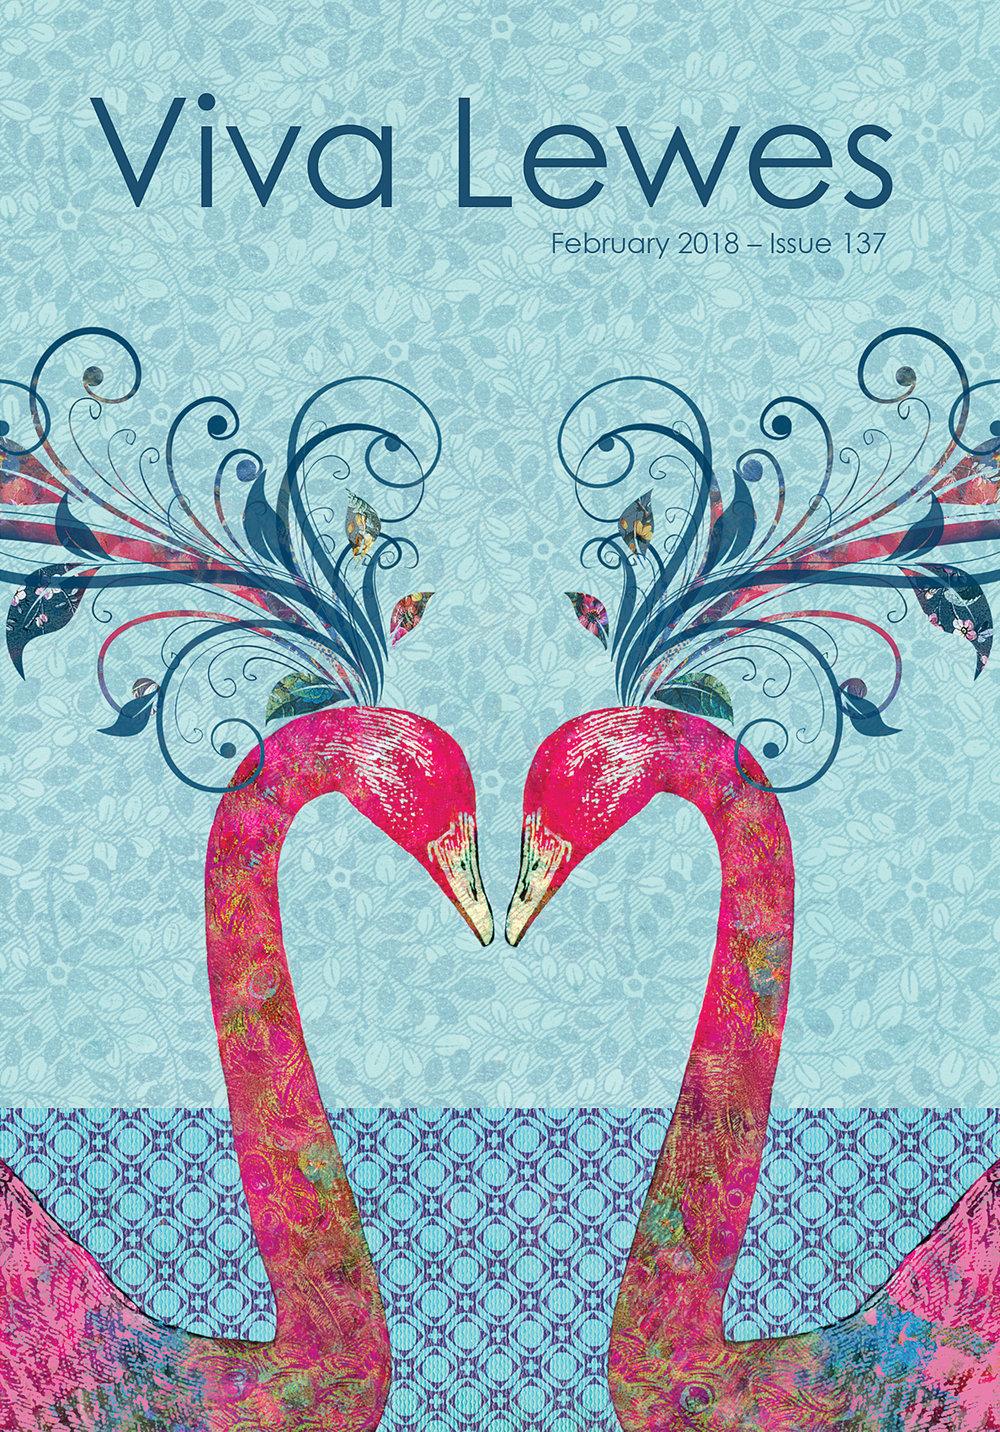 MarionMc_Viva Lewes cover2.jpg